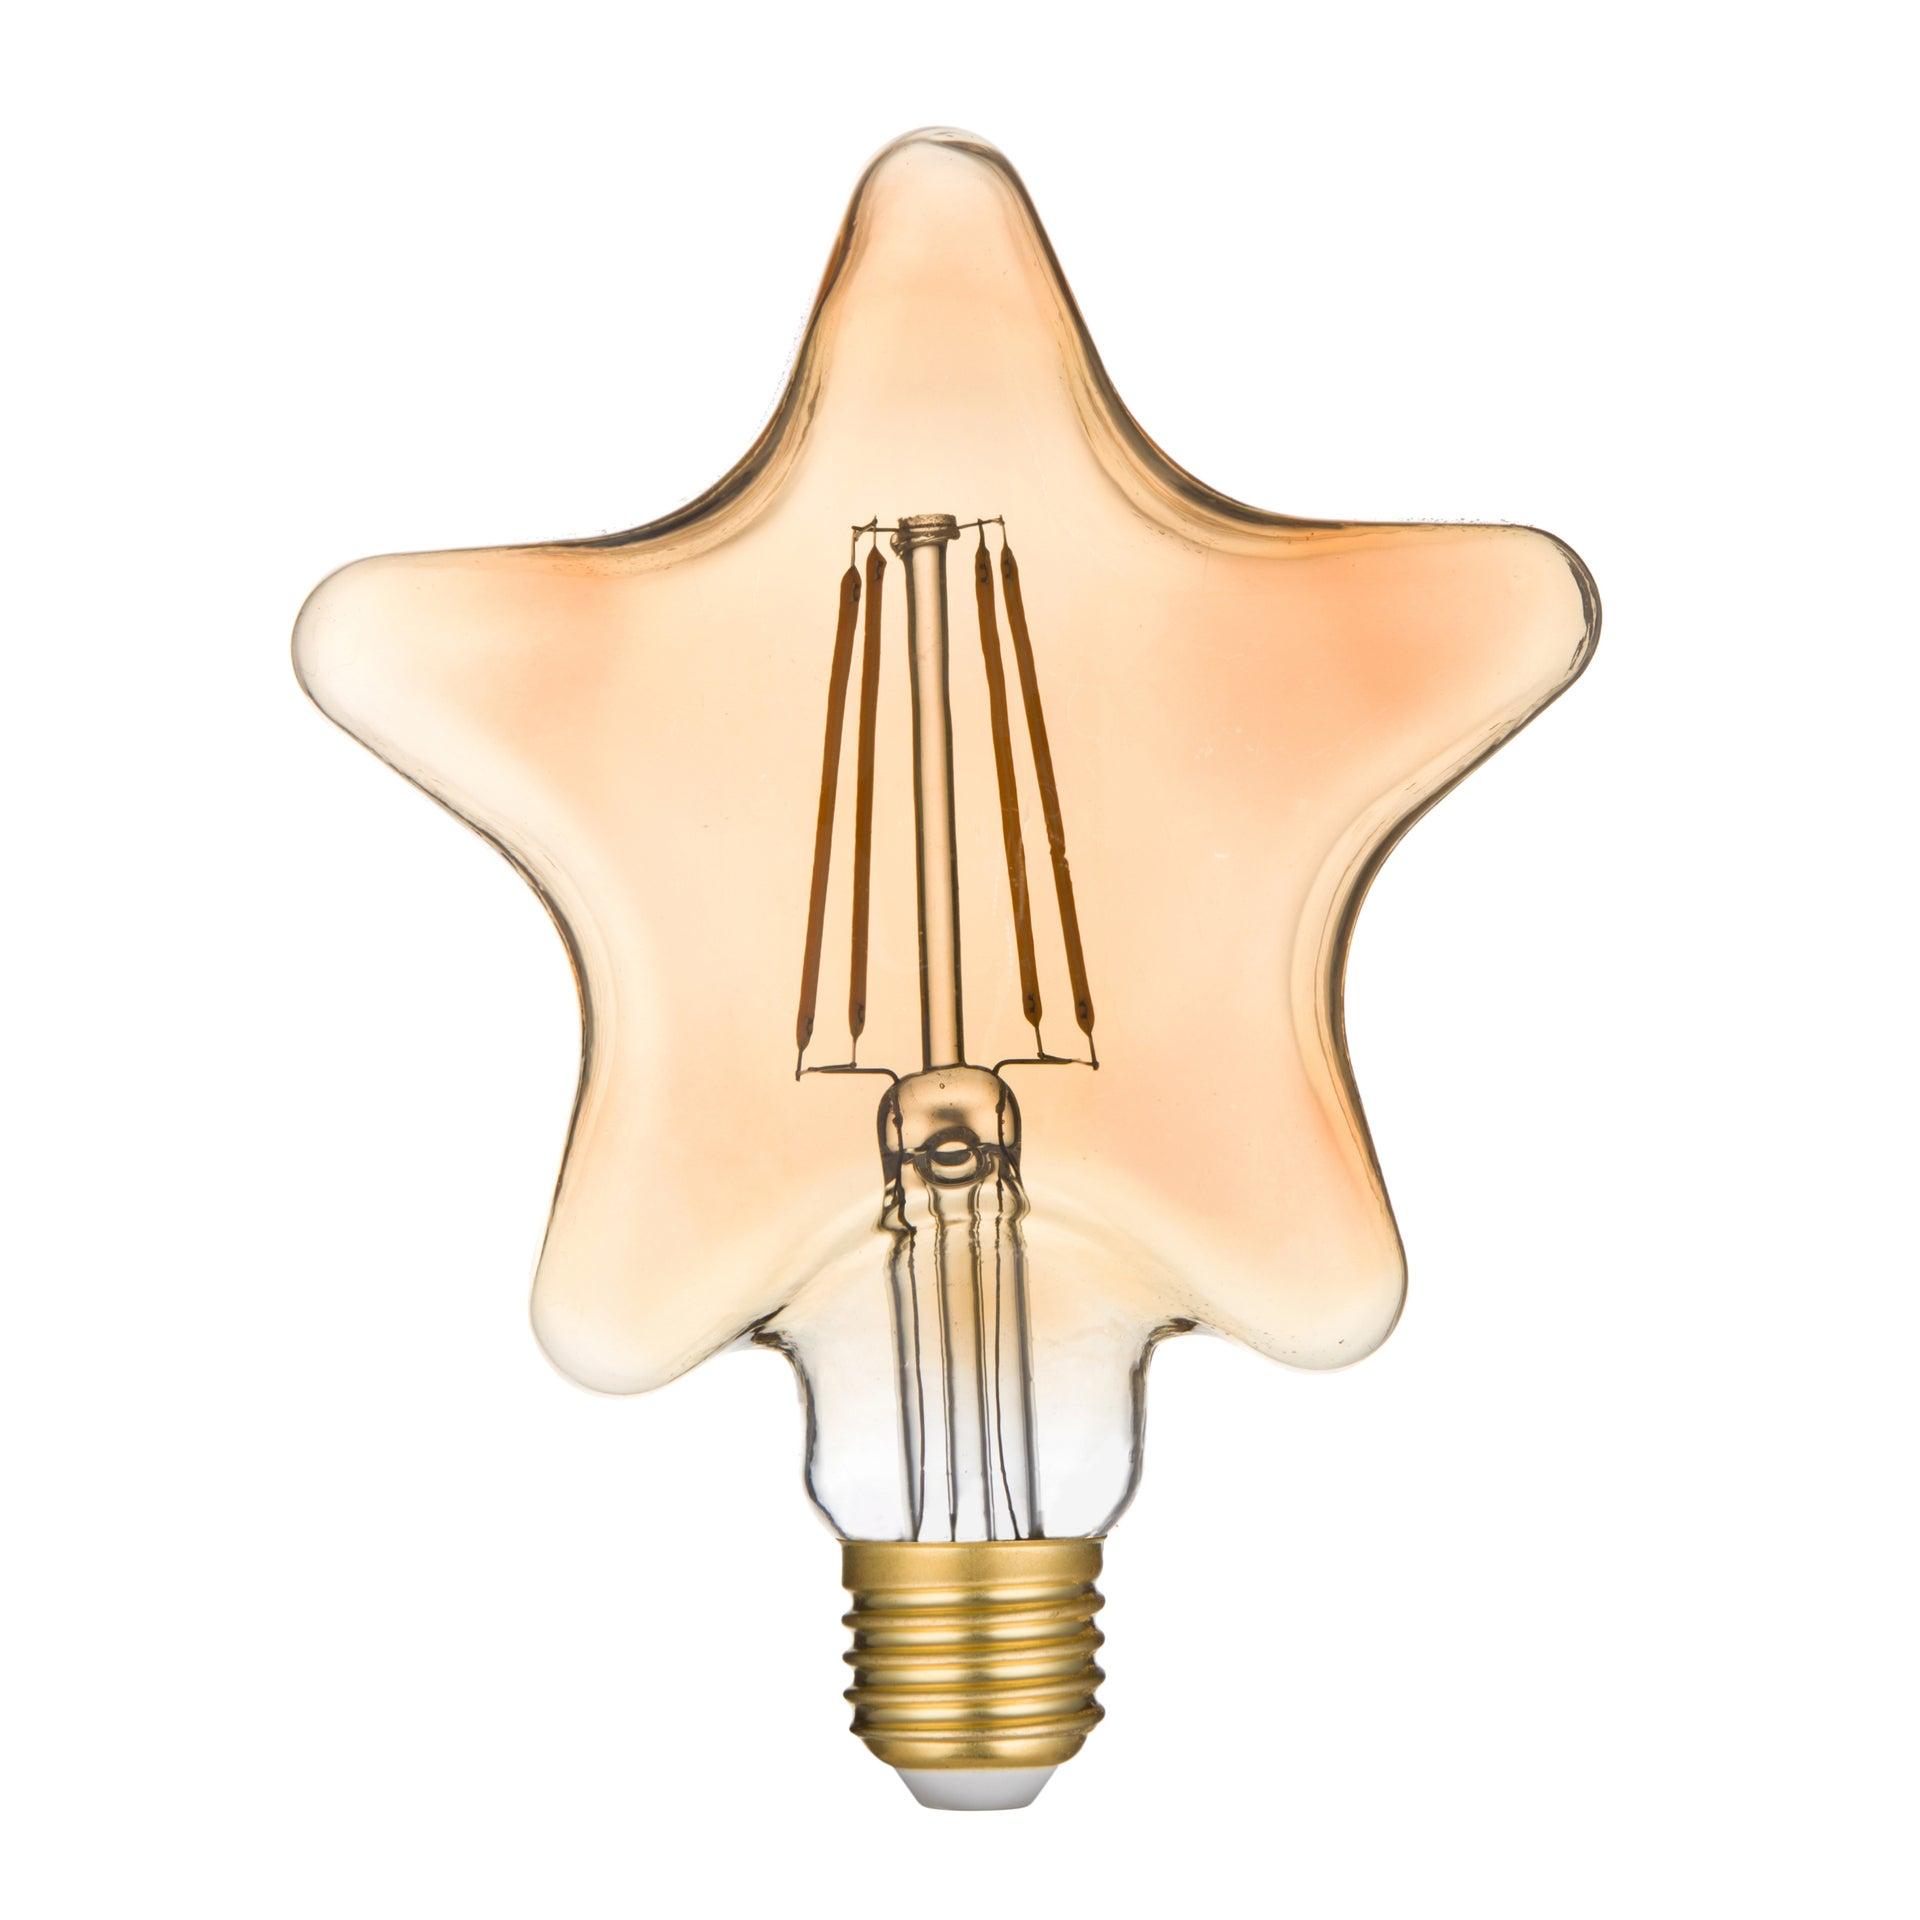 Ampoule led à filament ambré étoile E27 25 W blanc chaud, LEXMAN